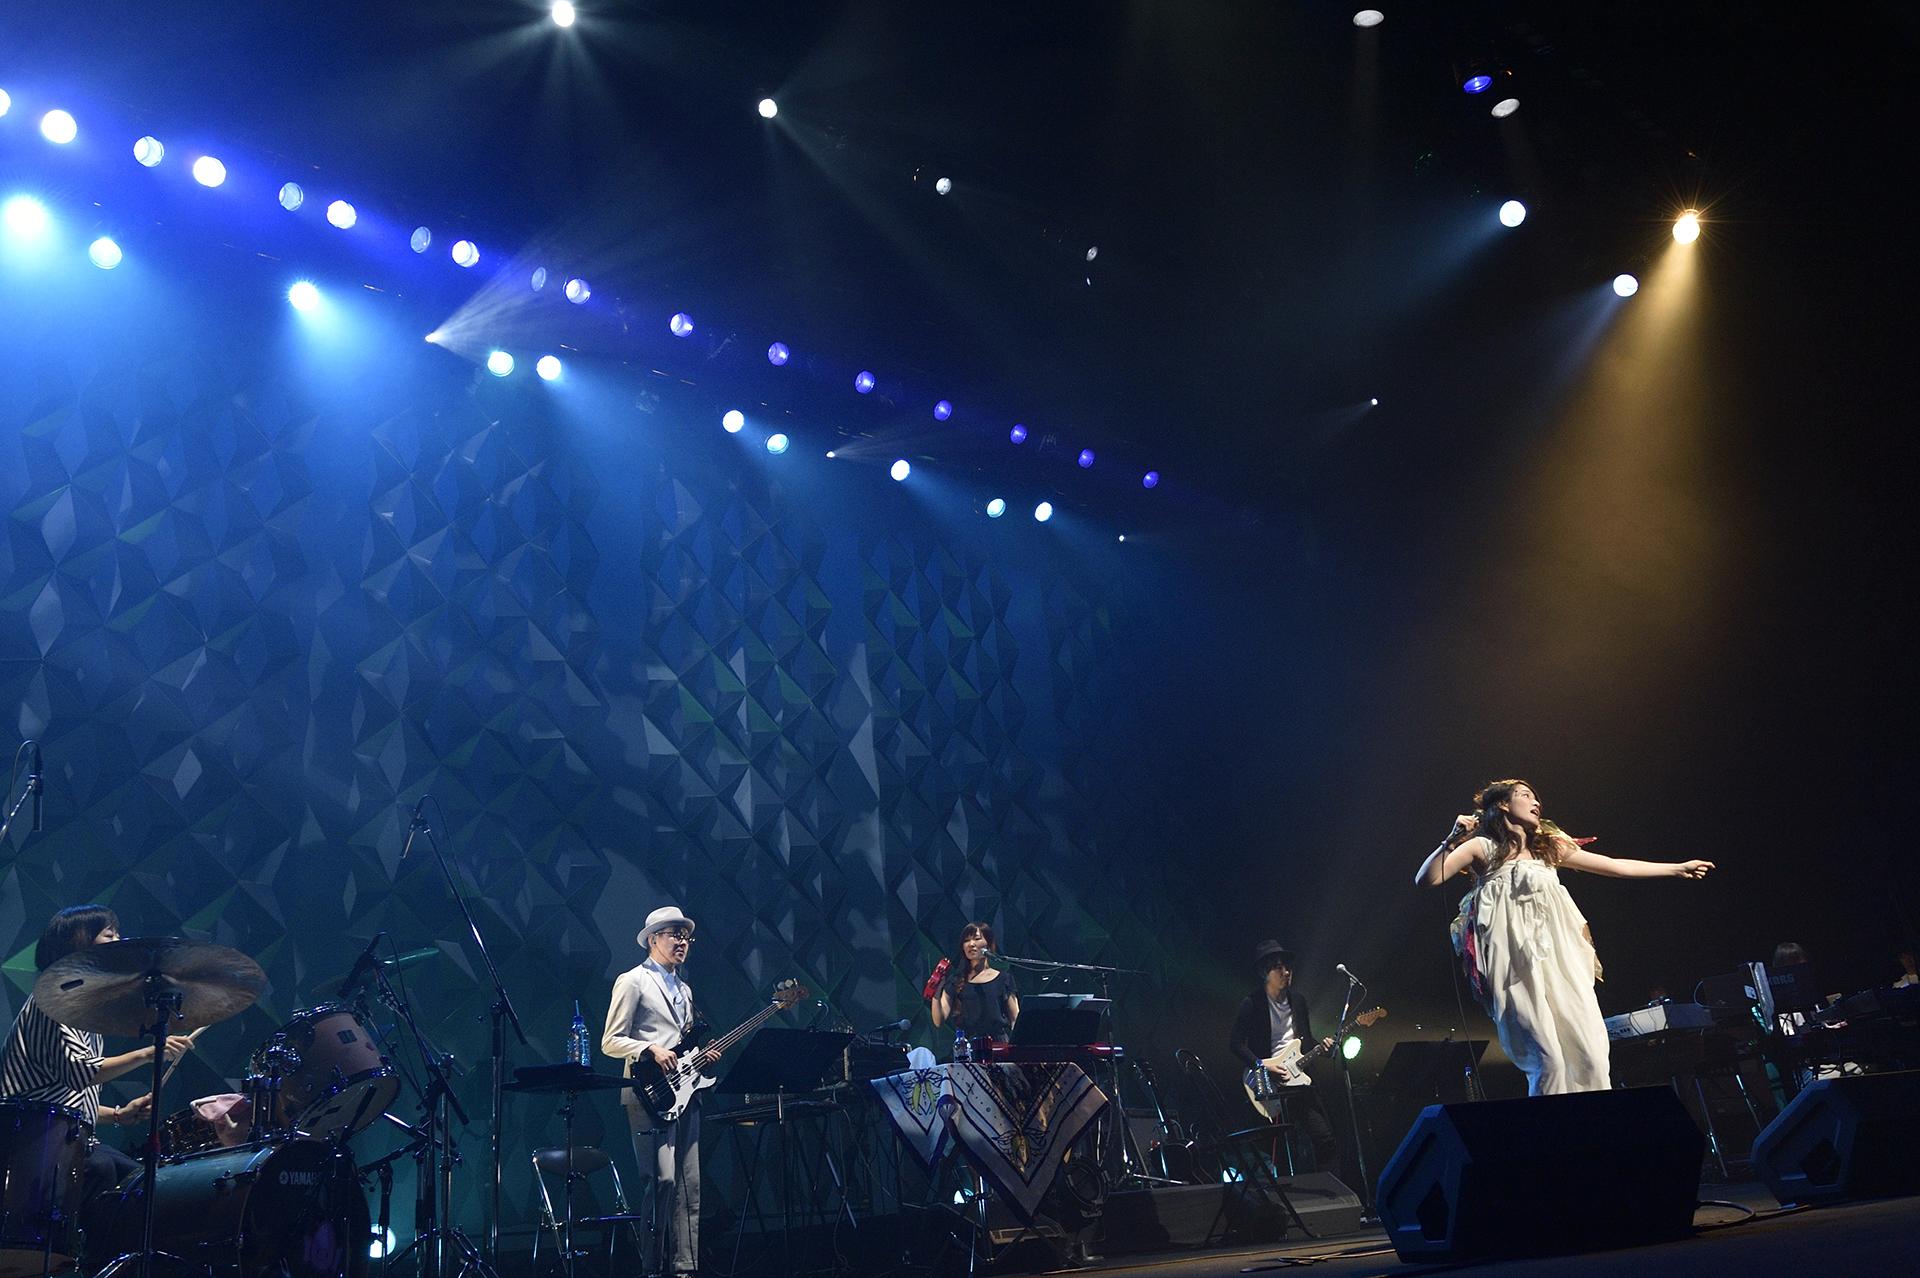 安藤裕子「頂き物」 5/21(土)中野サンプラザホール